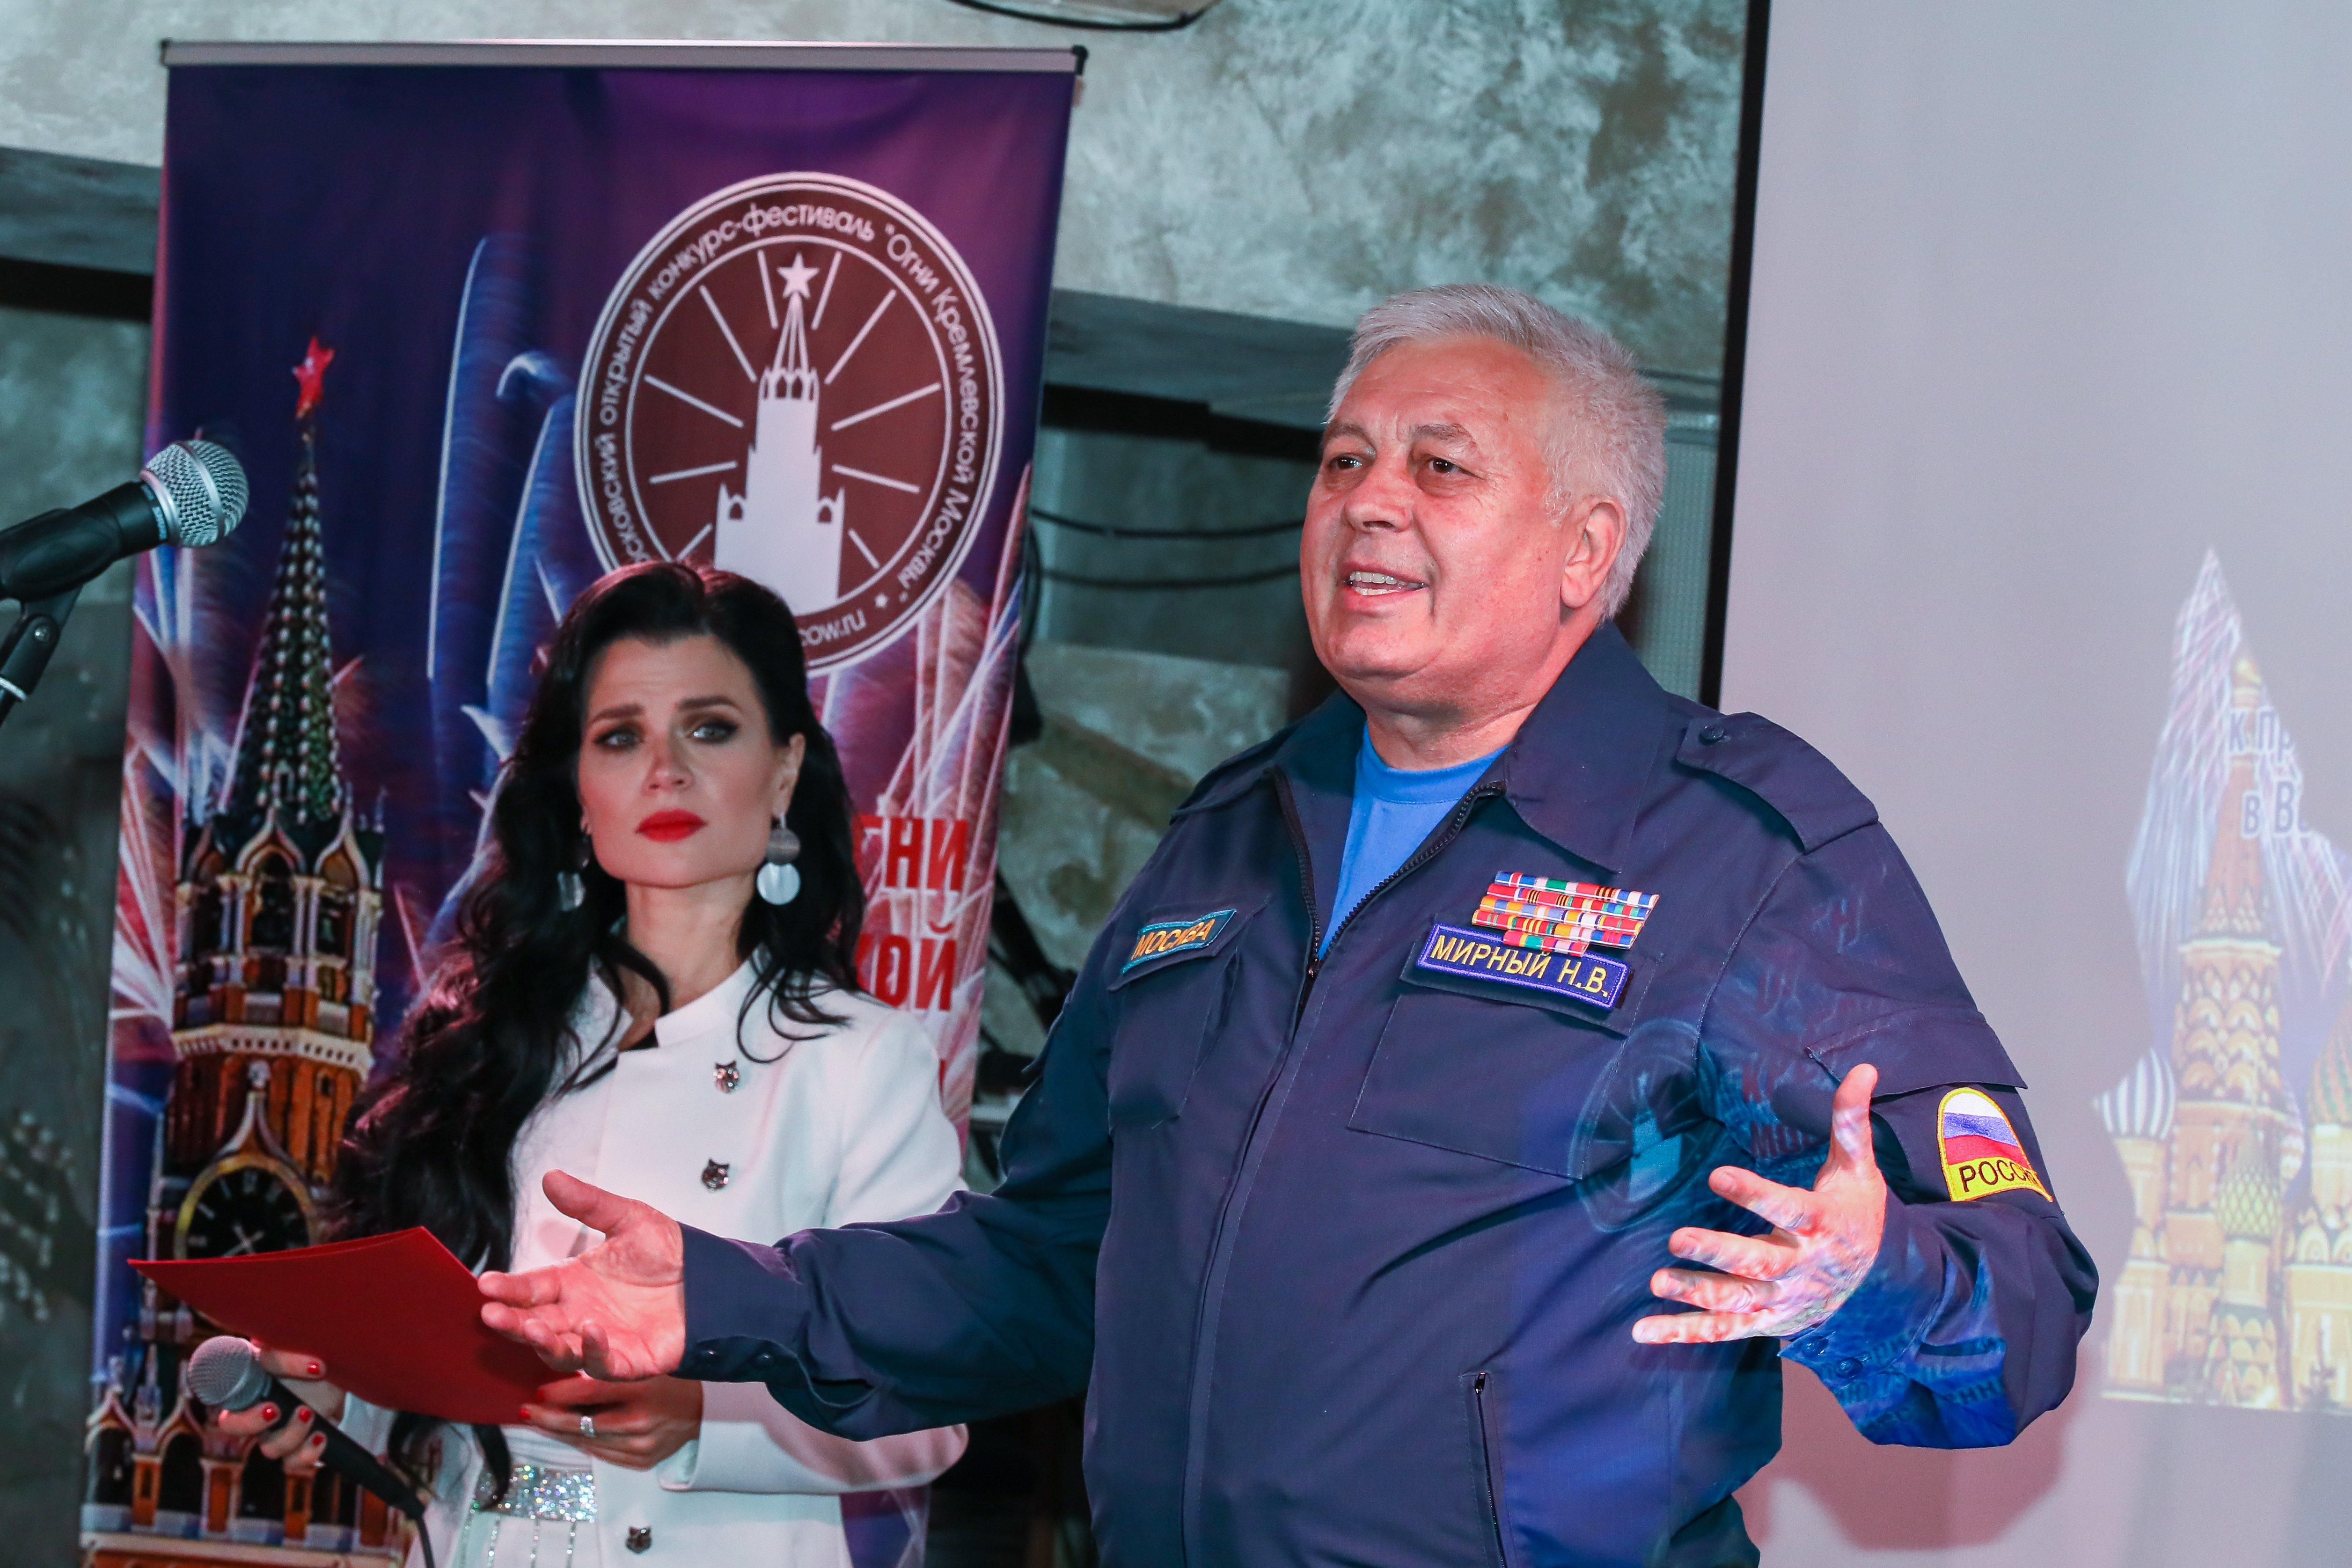 Специалисты Департамента ГОЧСиПБ стали участниками конкурса «Огни Кремлевской Москвы»